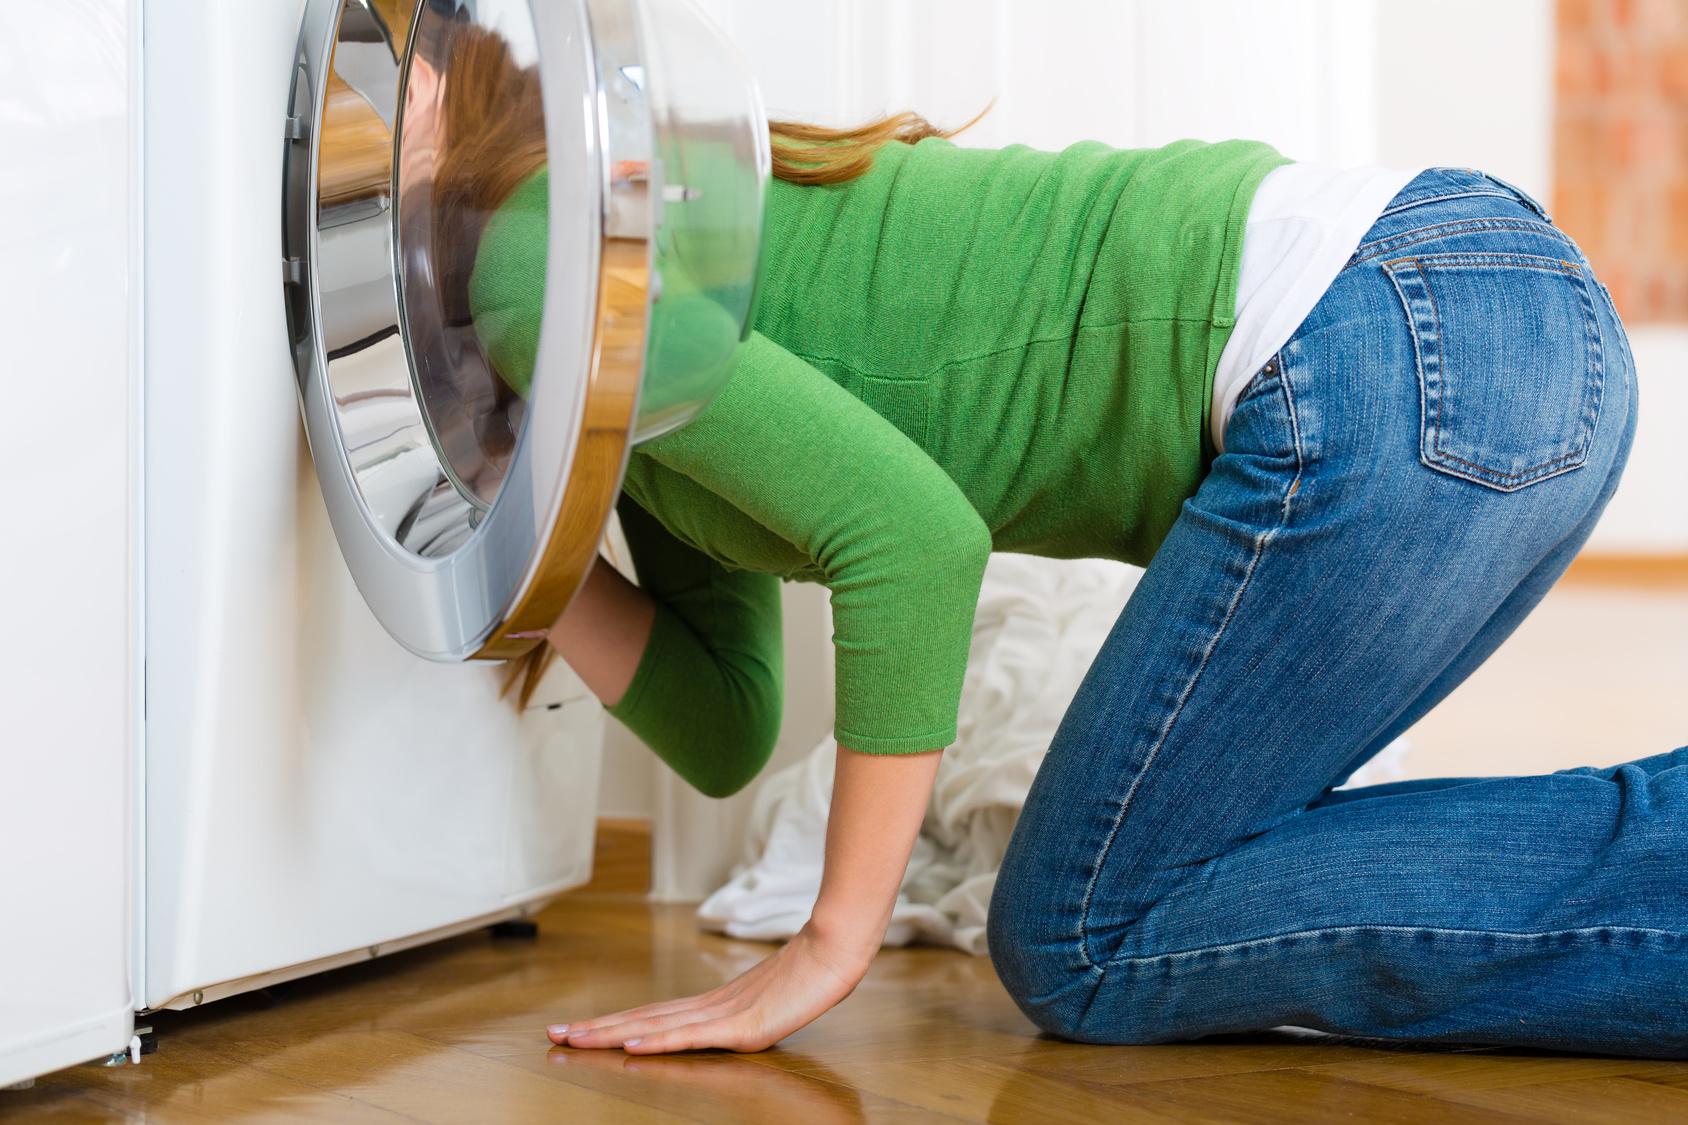 Hilfe, meine Waschmaschine frisst Socken